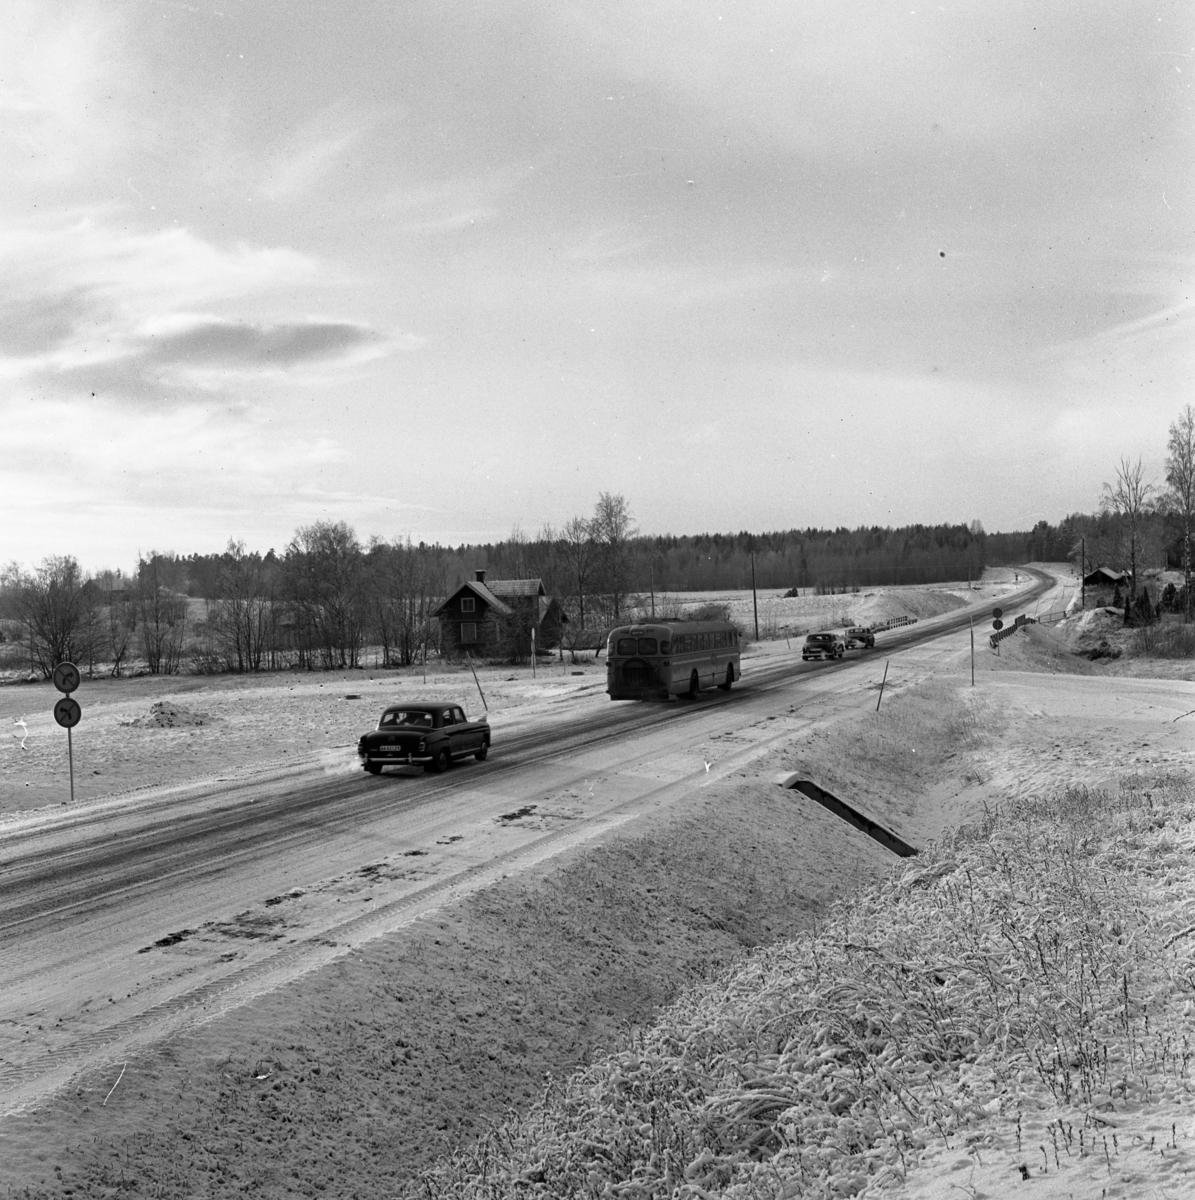 Örebrovägen öppnas efter ombyggnad. Personbilar och buss. Det är vinter och snö.